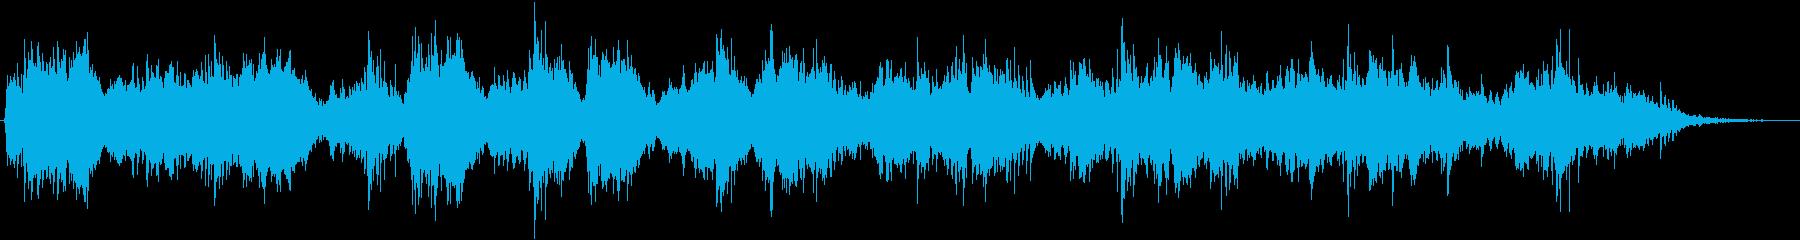 ドラマチックピアノストリングハイス...の再生済みの波形